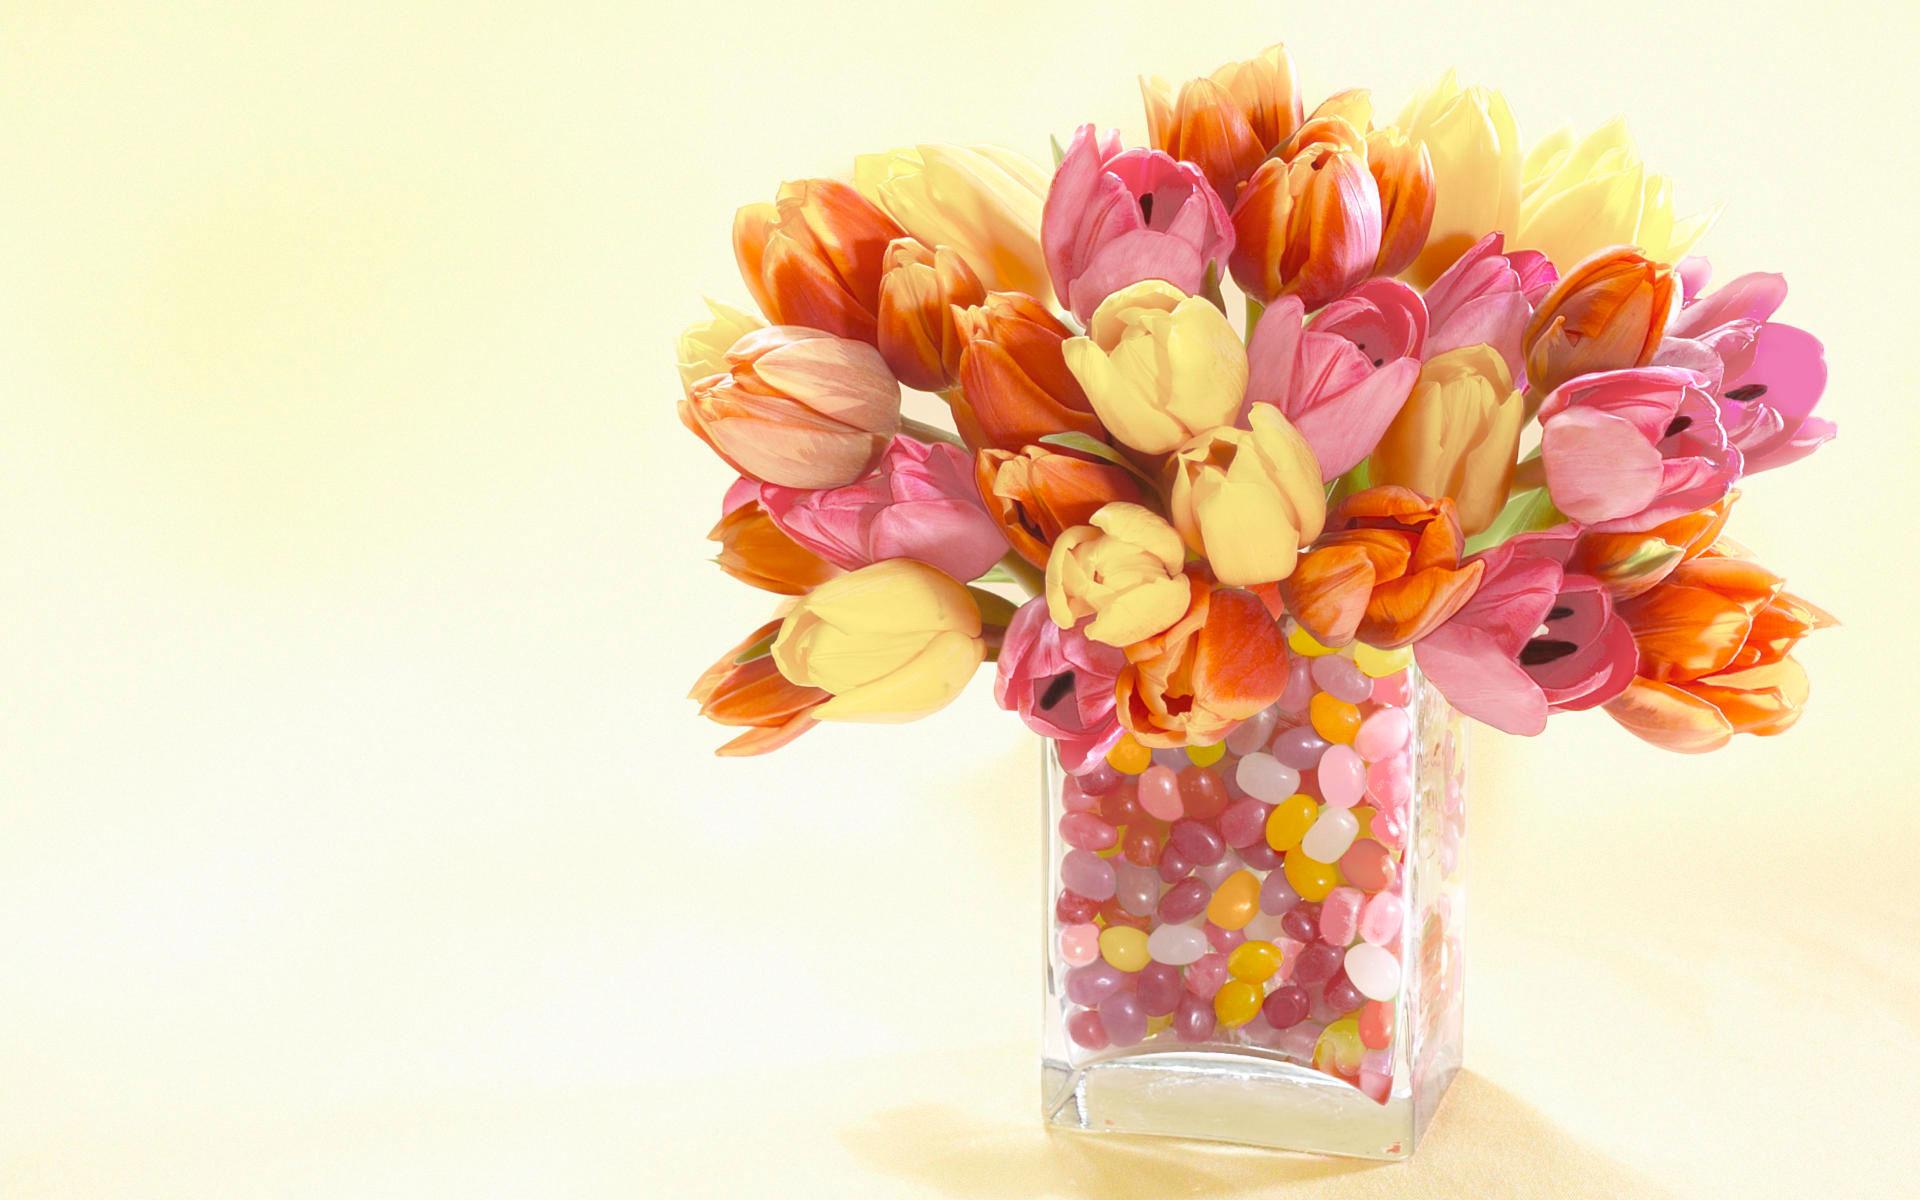 тюльпаны букет мешковина загрузить